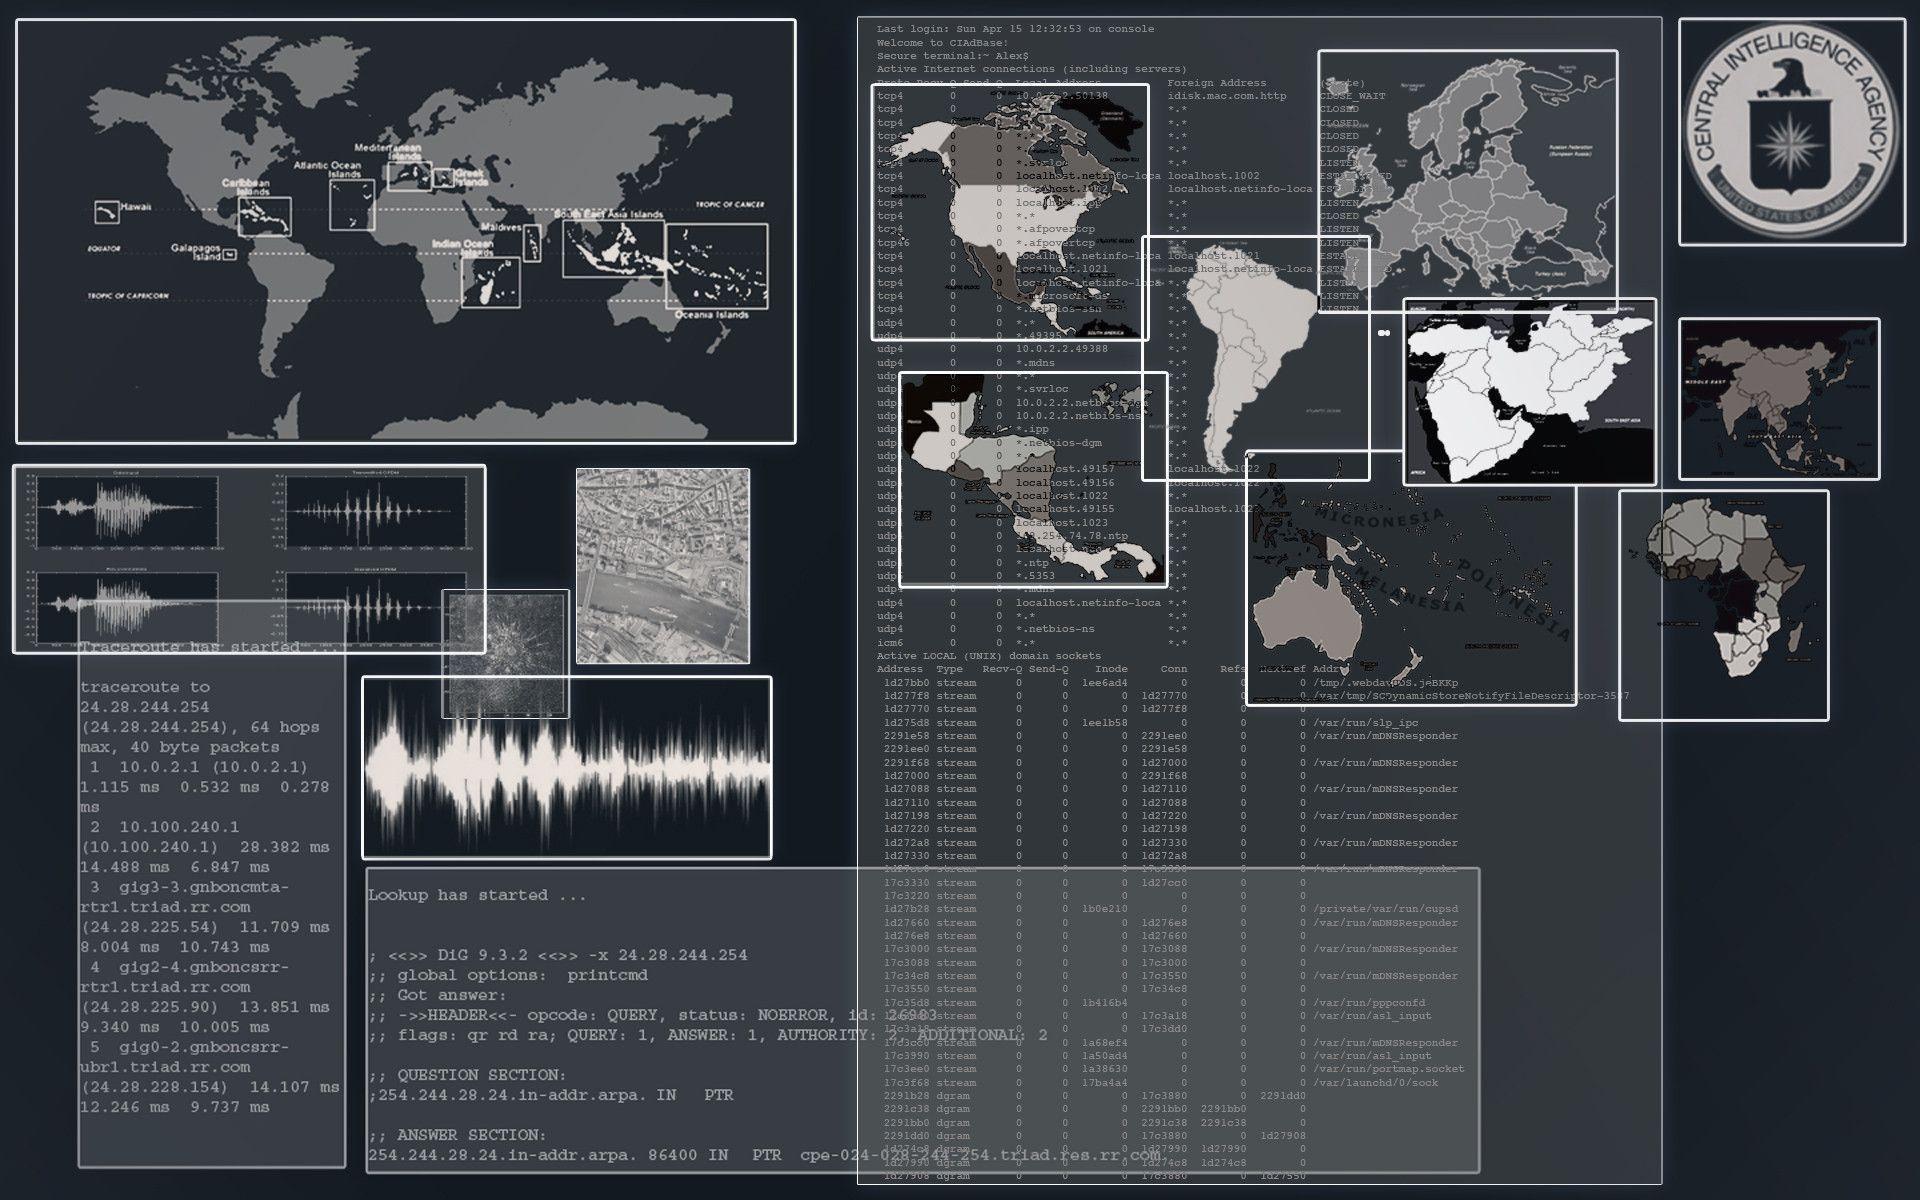 Cia wallpapers wallpaper cave cia wallpaper large hd wallpaper database voltagebd Images